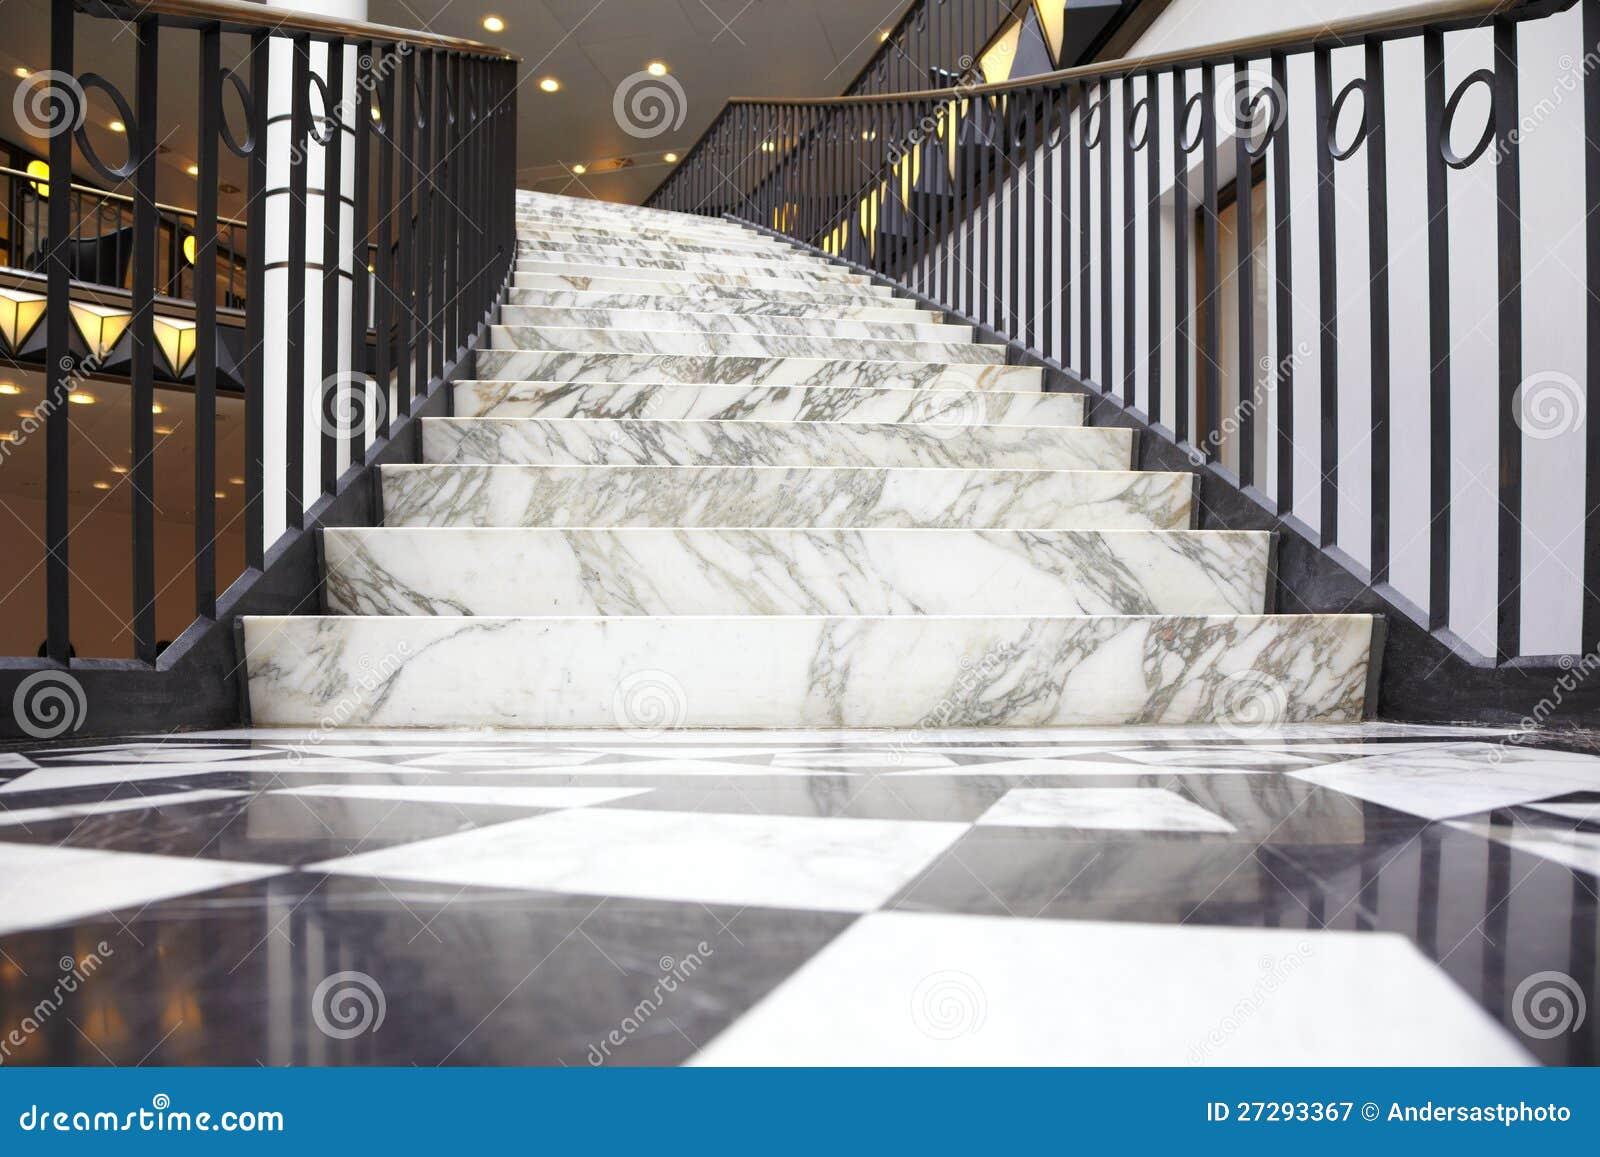 escalier de marbre blanc dans l 39 int rieur de luxe photographie stock libre de droits image. Black Bedroom Furniture Sets. Home Design Ideas